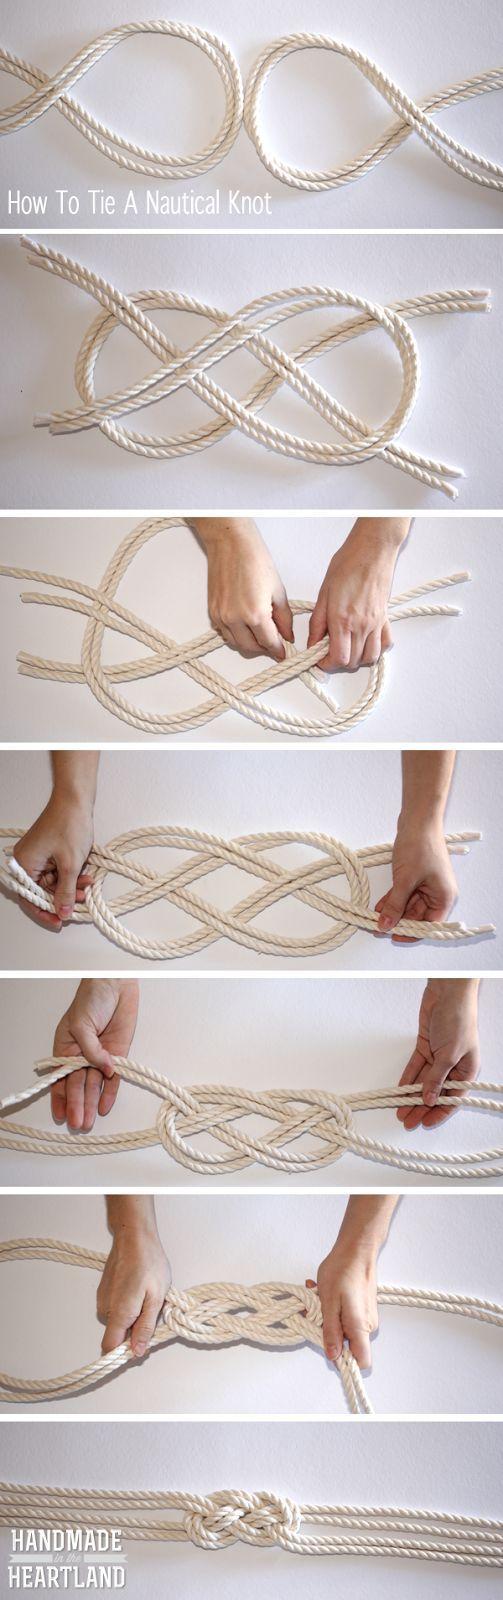 DIY航海結繩項鍊可用於手鍊或皮帶也: